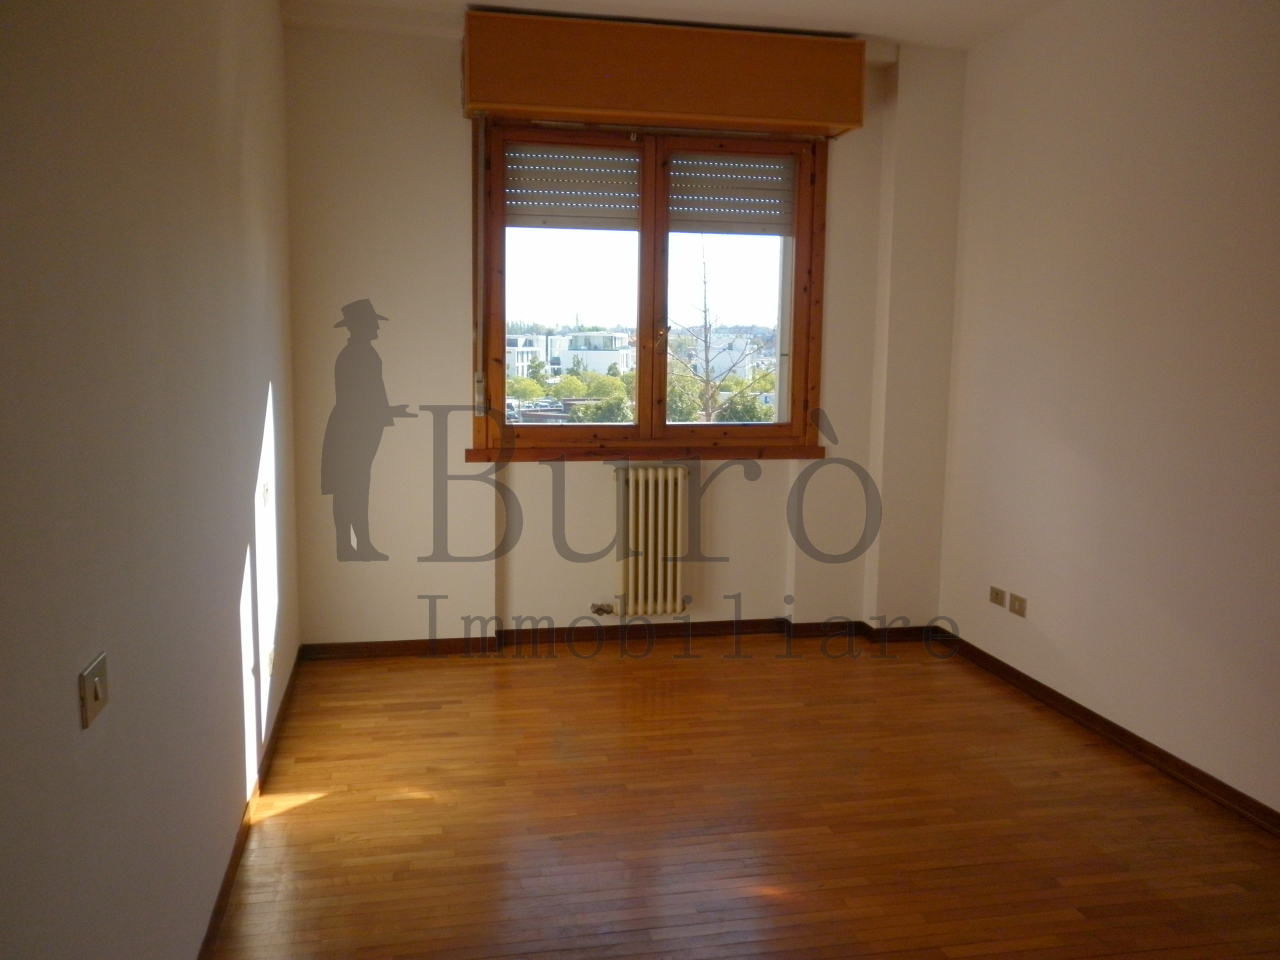 Appartamento in vendita a Parma, 4 locali, prezzo € 170.000 | Cambio Casa.it